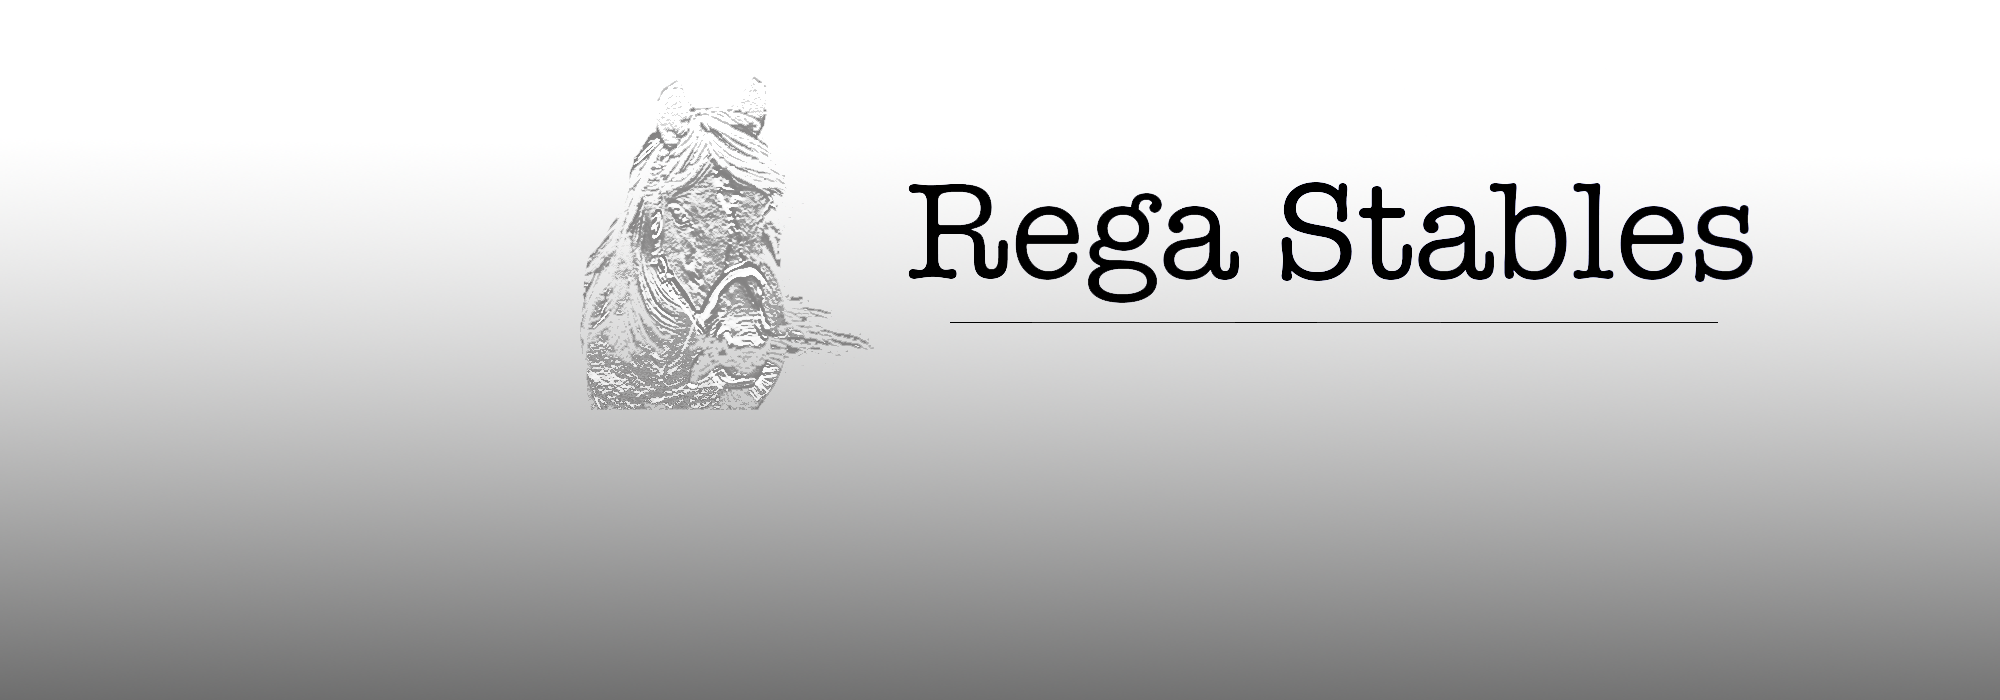 rega-stables